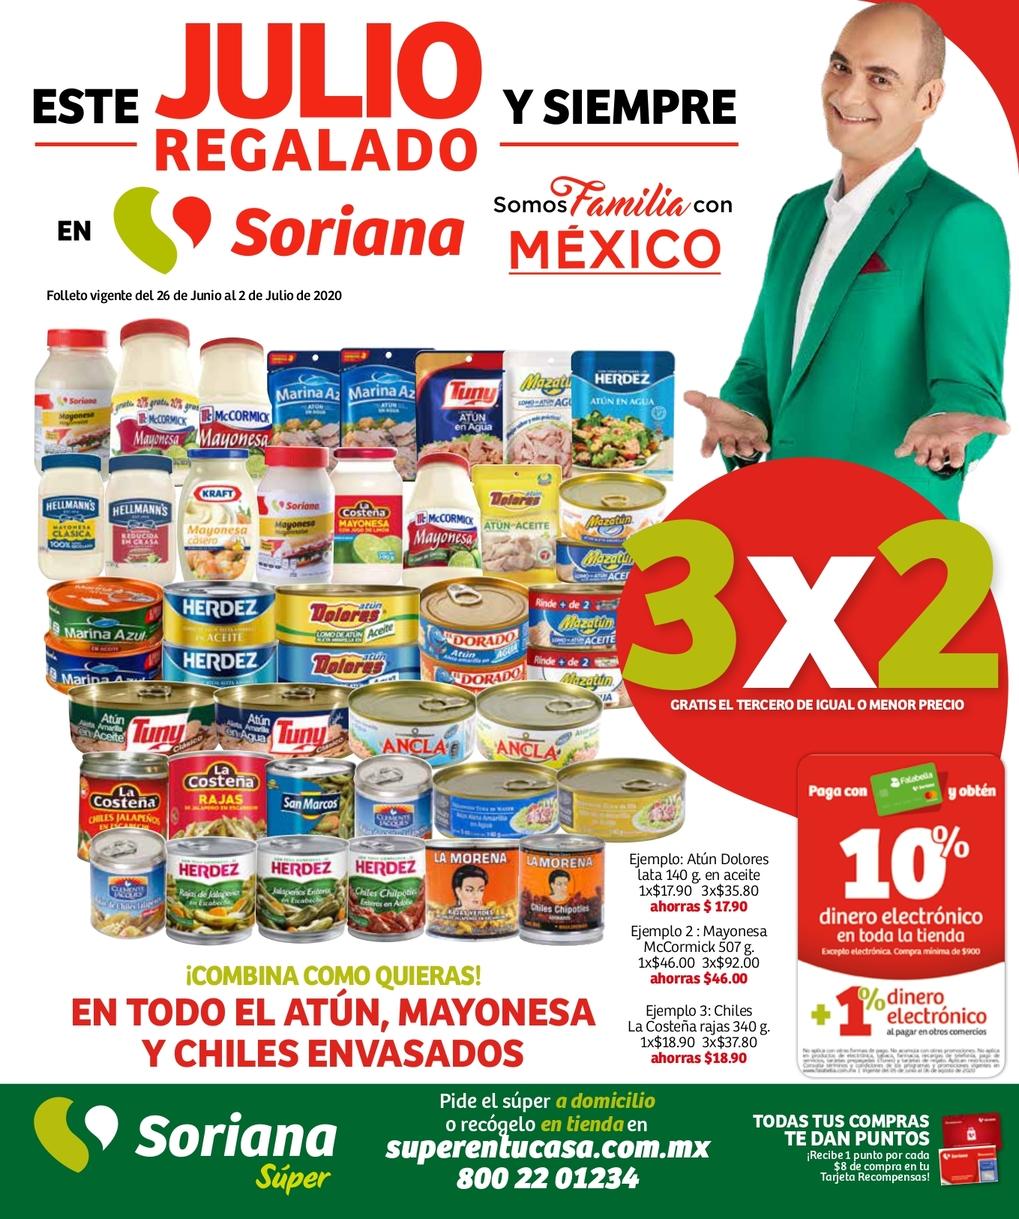 Soriana Super Folleto Julio Regalado 2020 del 26 de junio al 2 de julio